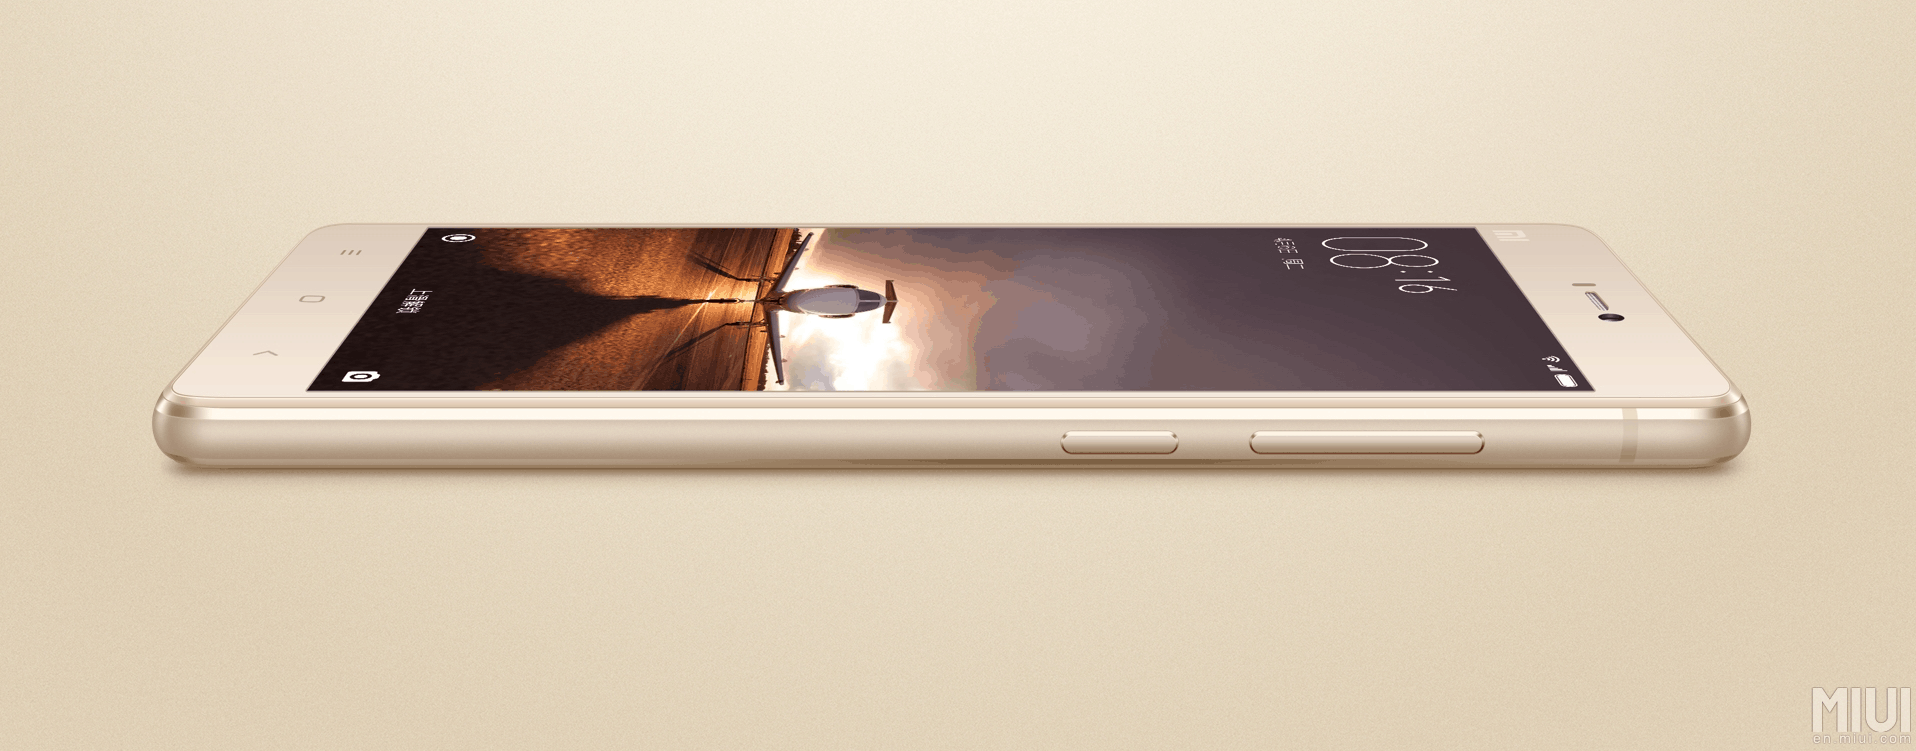 Xiaomi Mi 4S 4